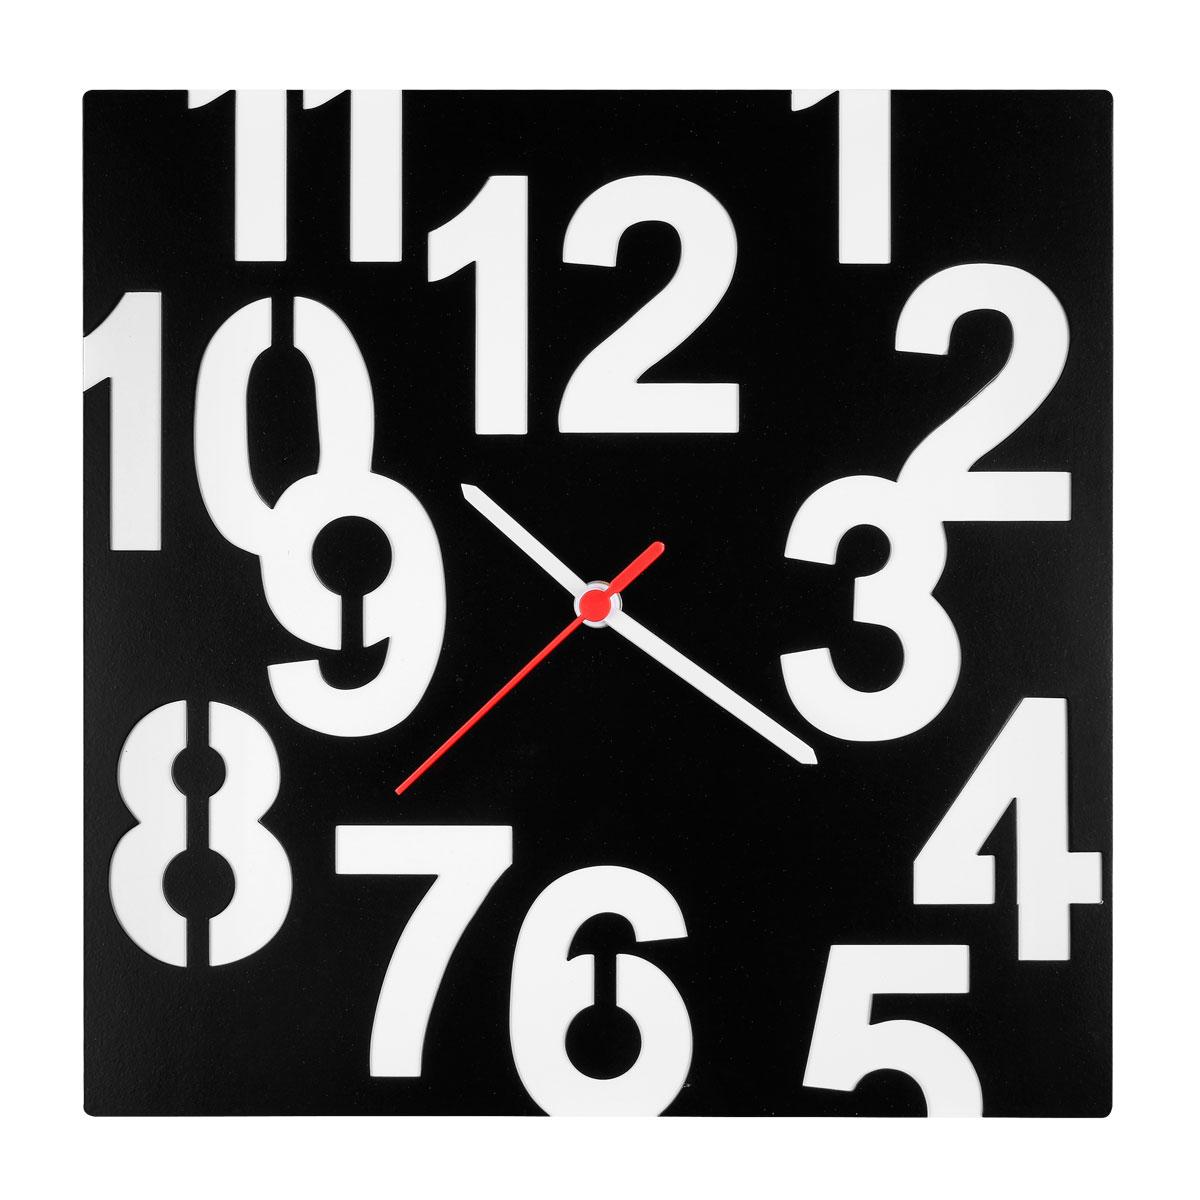 Часы настенные Miolla Квадрат с цифрамиCH014Оригинальные настенные часы квадратной формы выполнены из стали. Часы имеют три стрелки - часовую, минутную и секундную и циферблат с цифрами. Необычное дизайнерское решение и качество исполнения придутся по вкусу каждому. Часы работают от 1 батарейки типа АА напряжением 1,5 В.